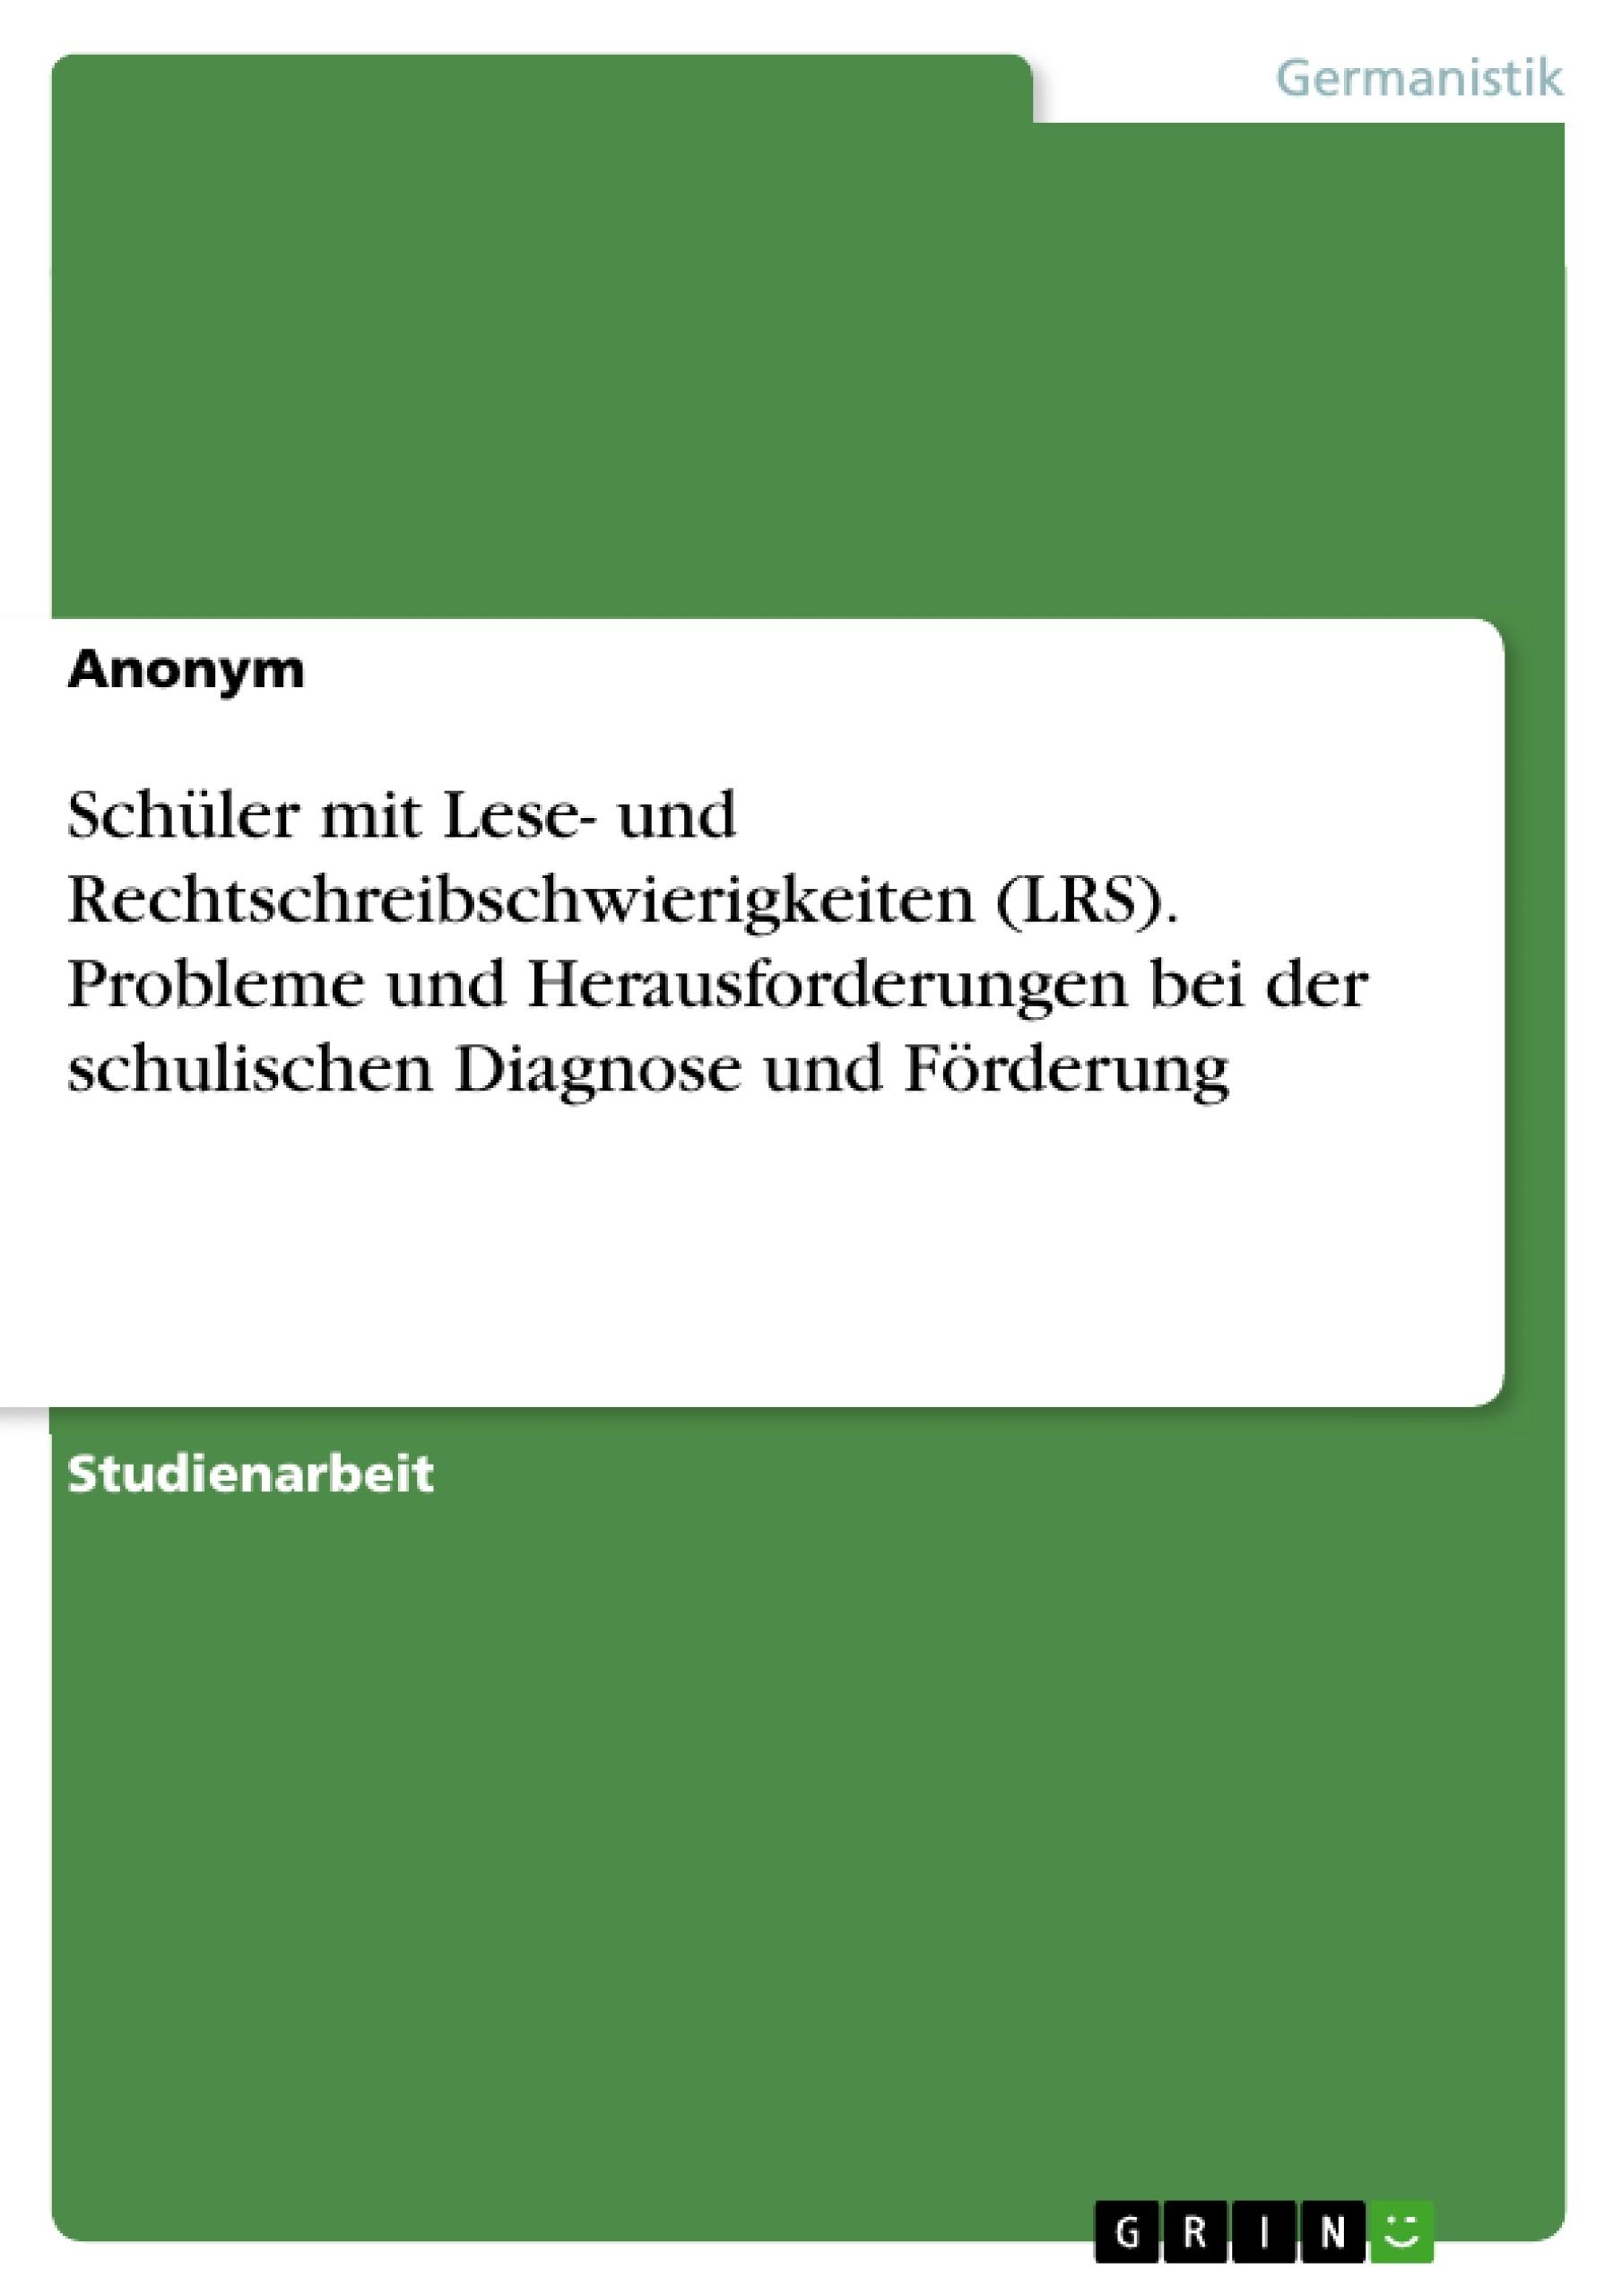 Titel: Schüler mit Lese- und Rechtschreibschwierigkeiten (LRS). Probleme und Herausforderungen bei der schulischen Diagnose und Förderung